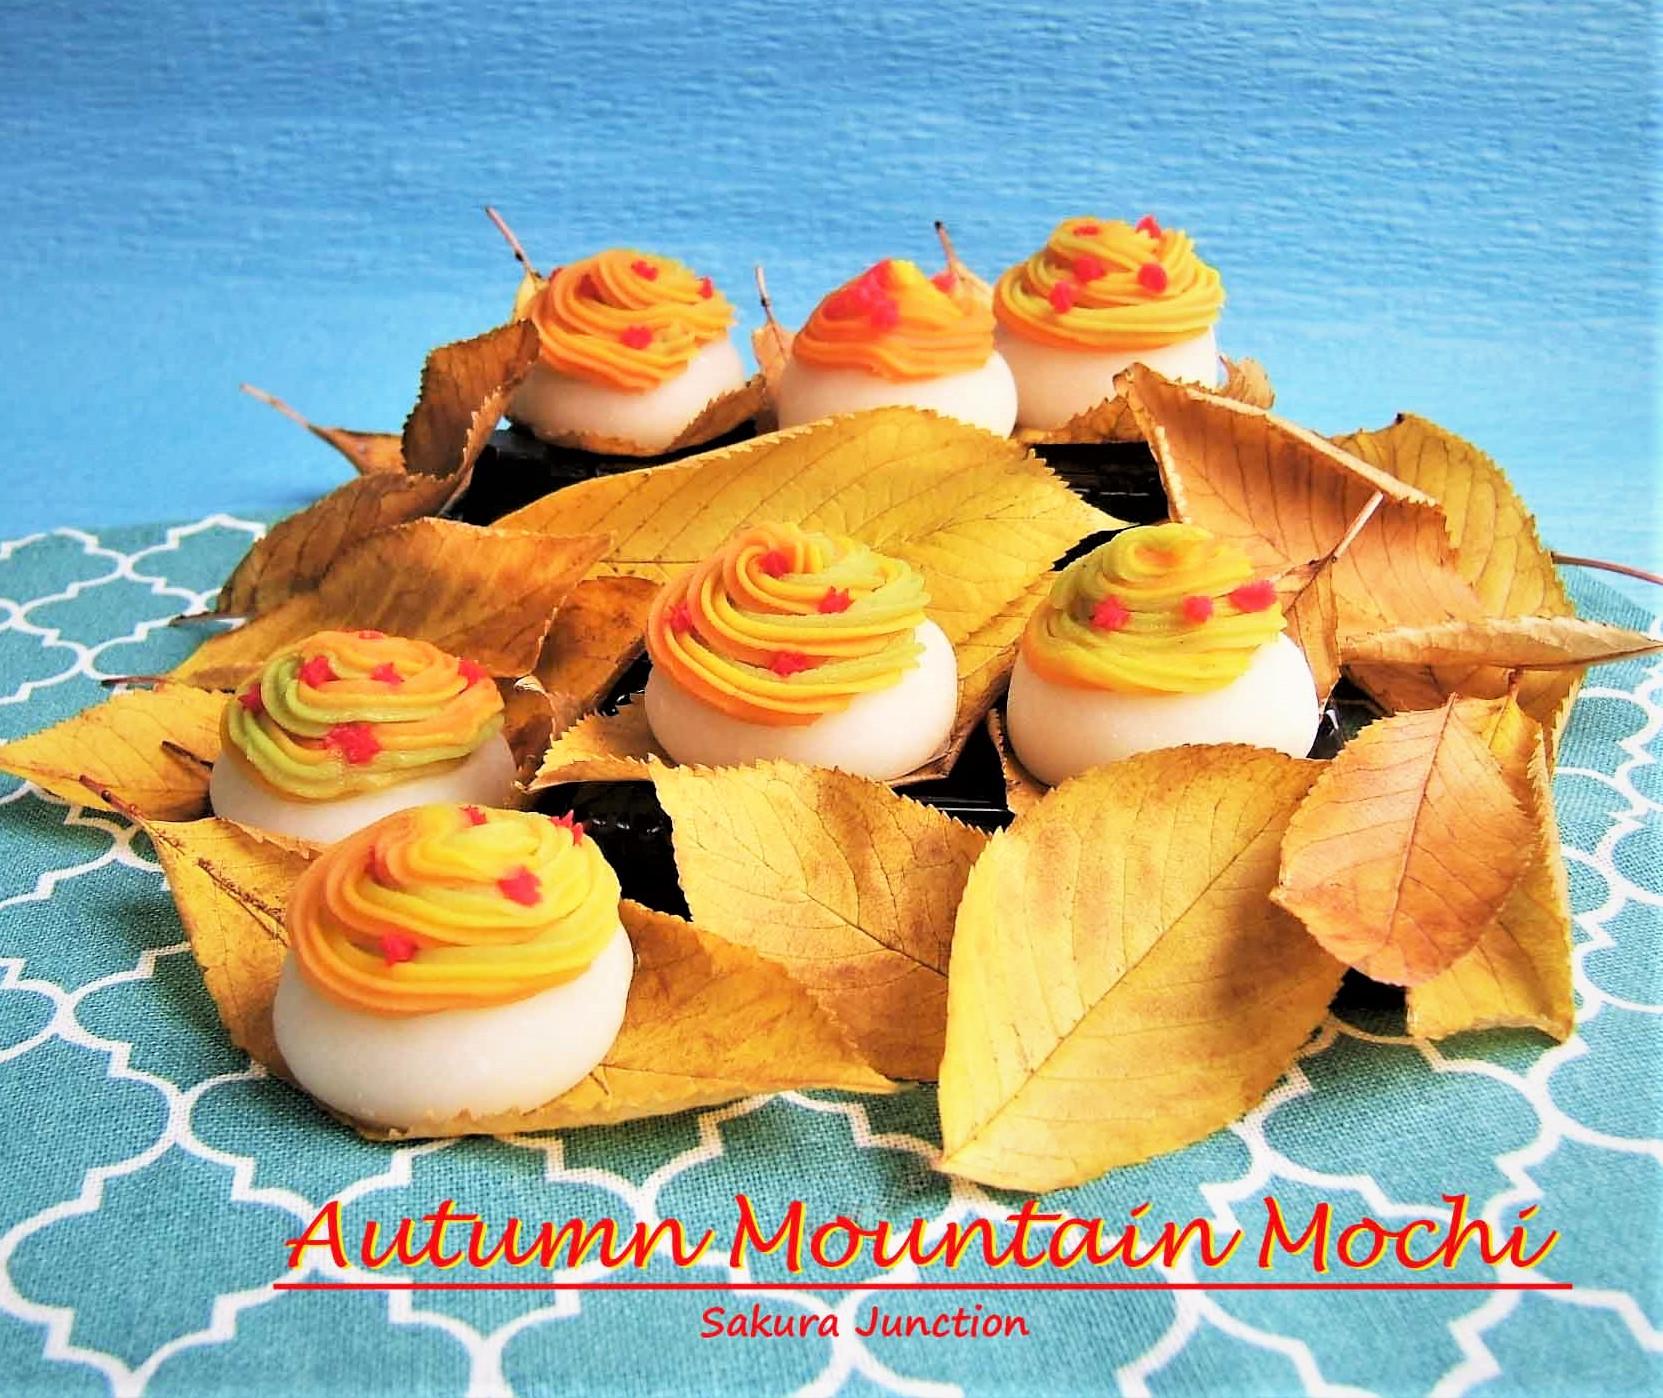 Autumn Mountain 1-2R